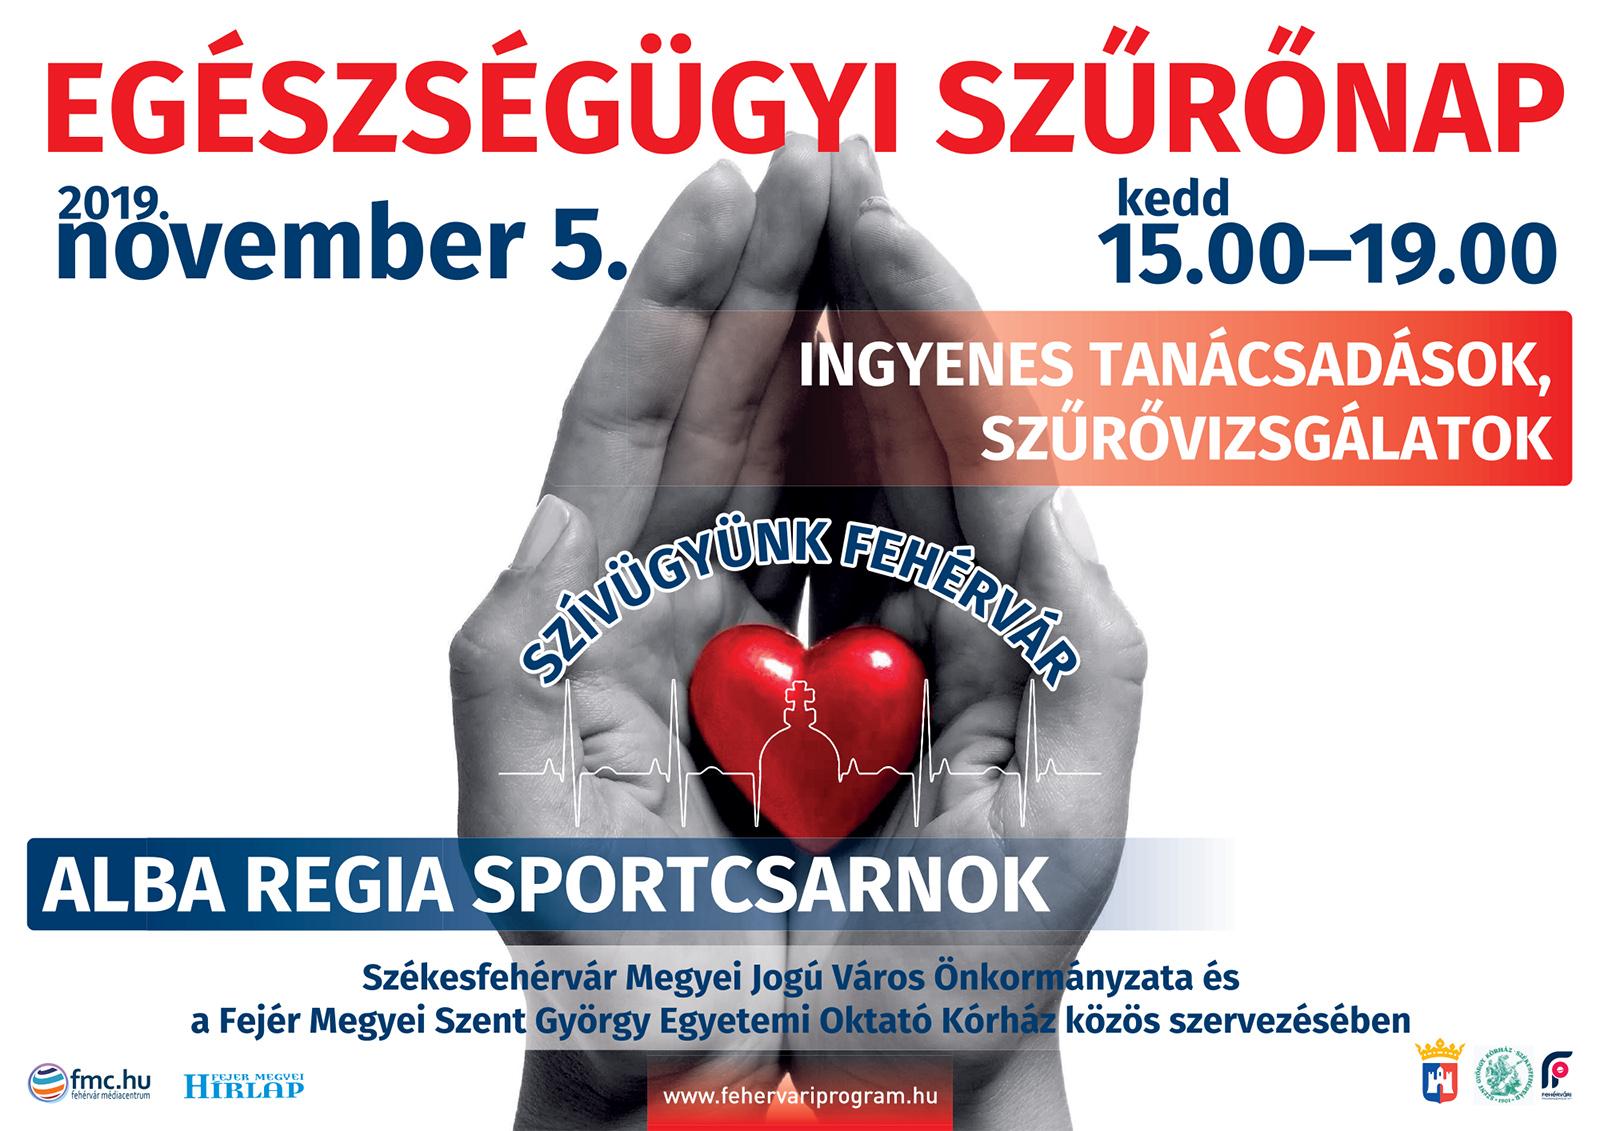 """""""Szívügyünk Fehérvár"""" Egészségügyi Szűrőnap @ Alba Regia Sportcsarnok"""